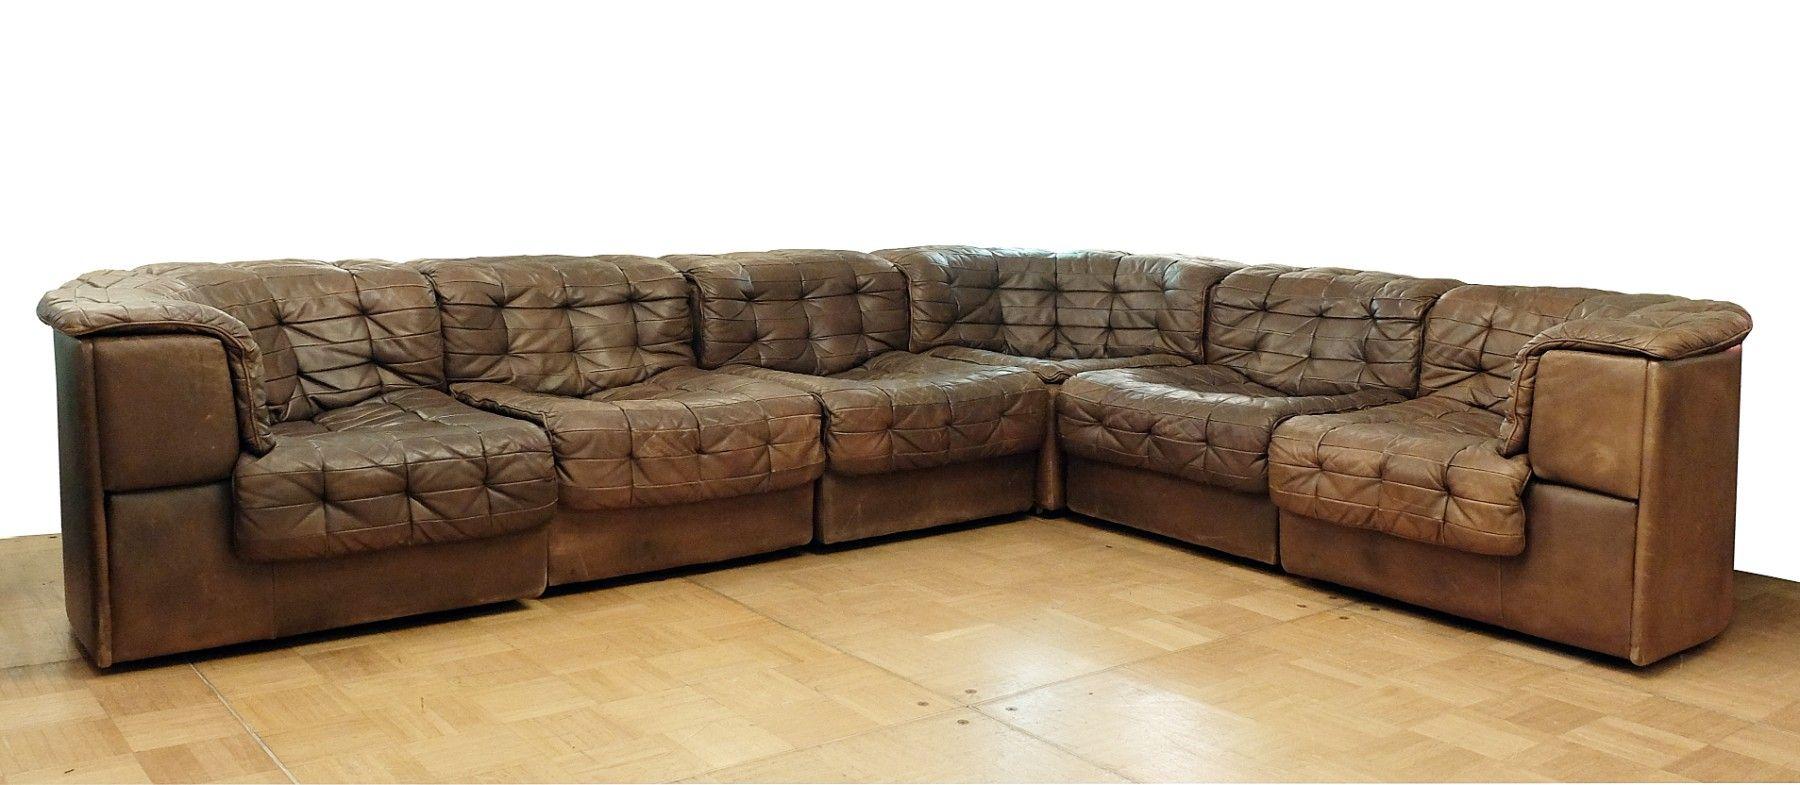 Sympathisch Großes Schlafsofa Dekoration Von Großes Modulares Vintage Ds-11 Sofa Mit Patchwork